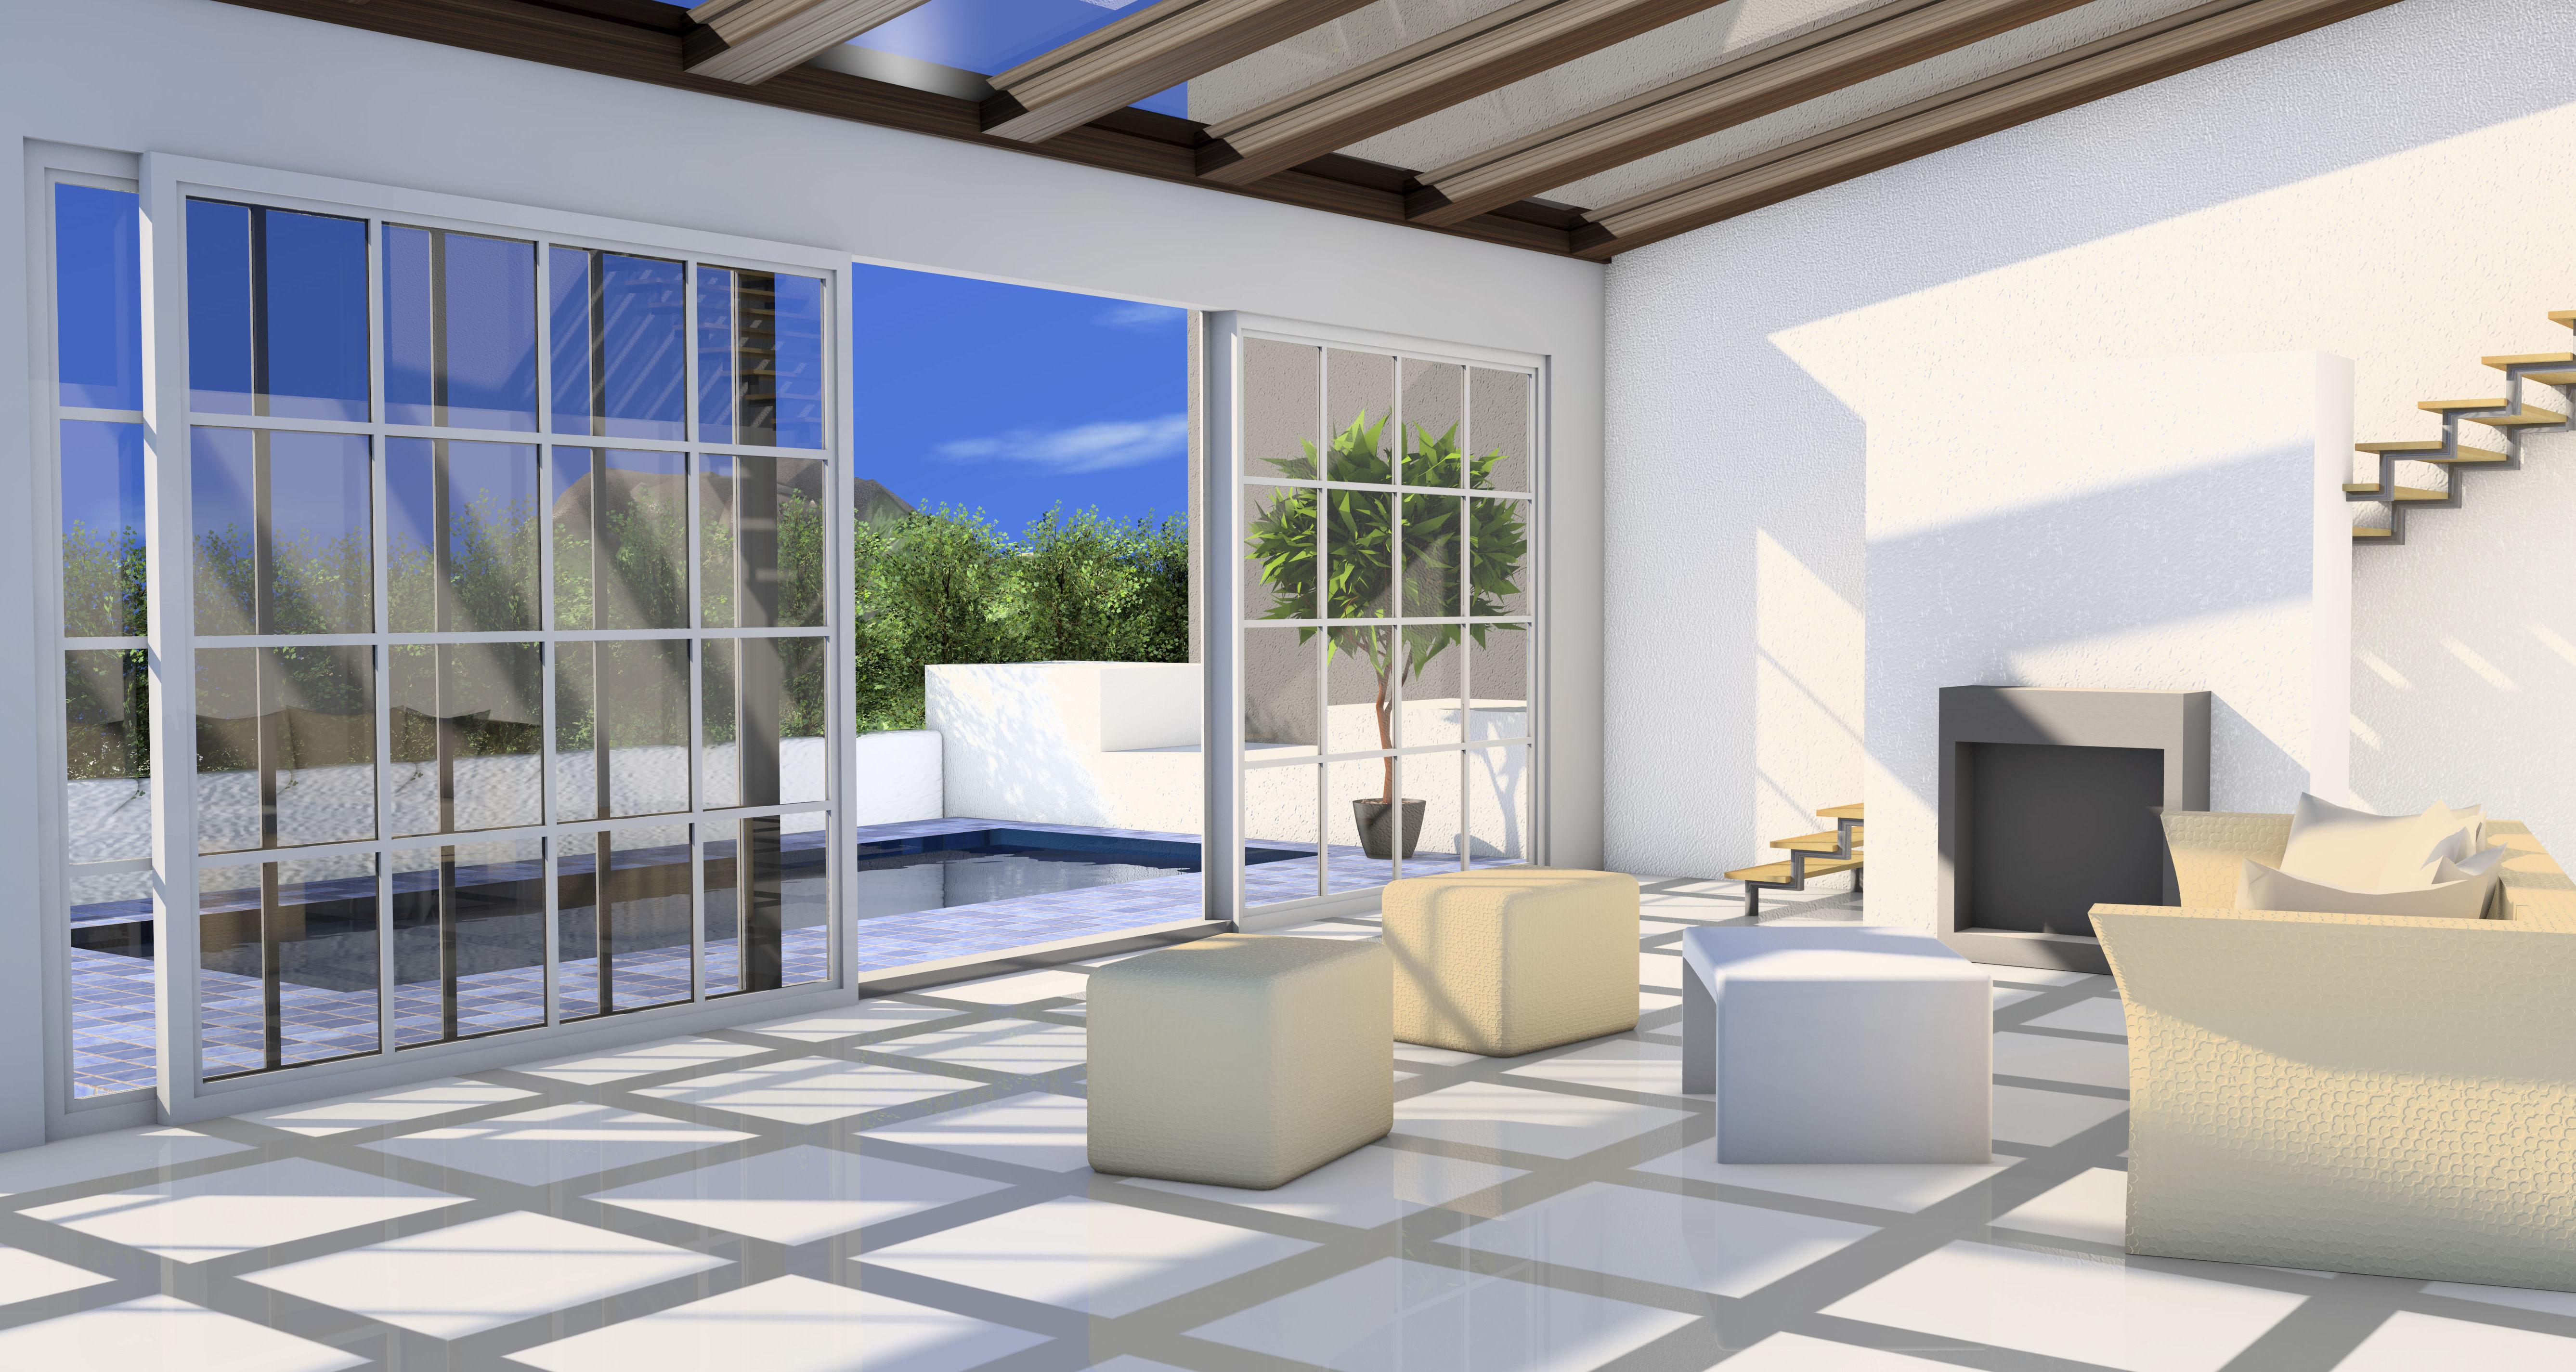 Carpintería metálica, puertas y ventanas de aluminio y PVC